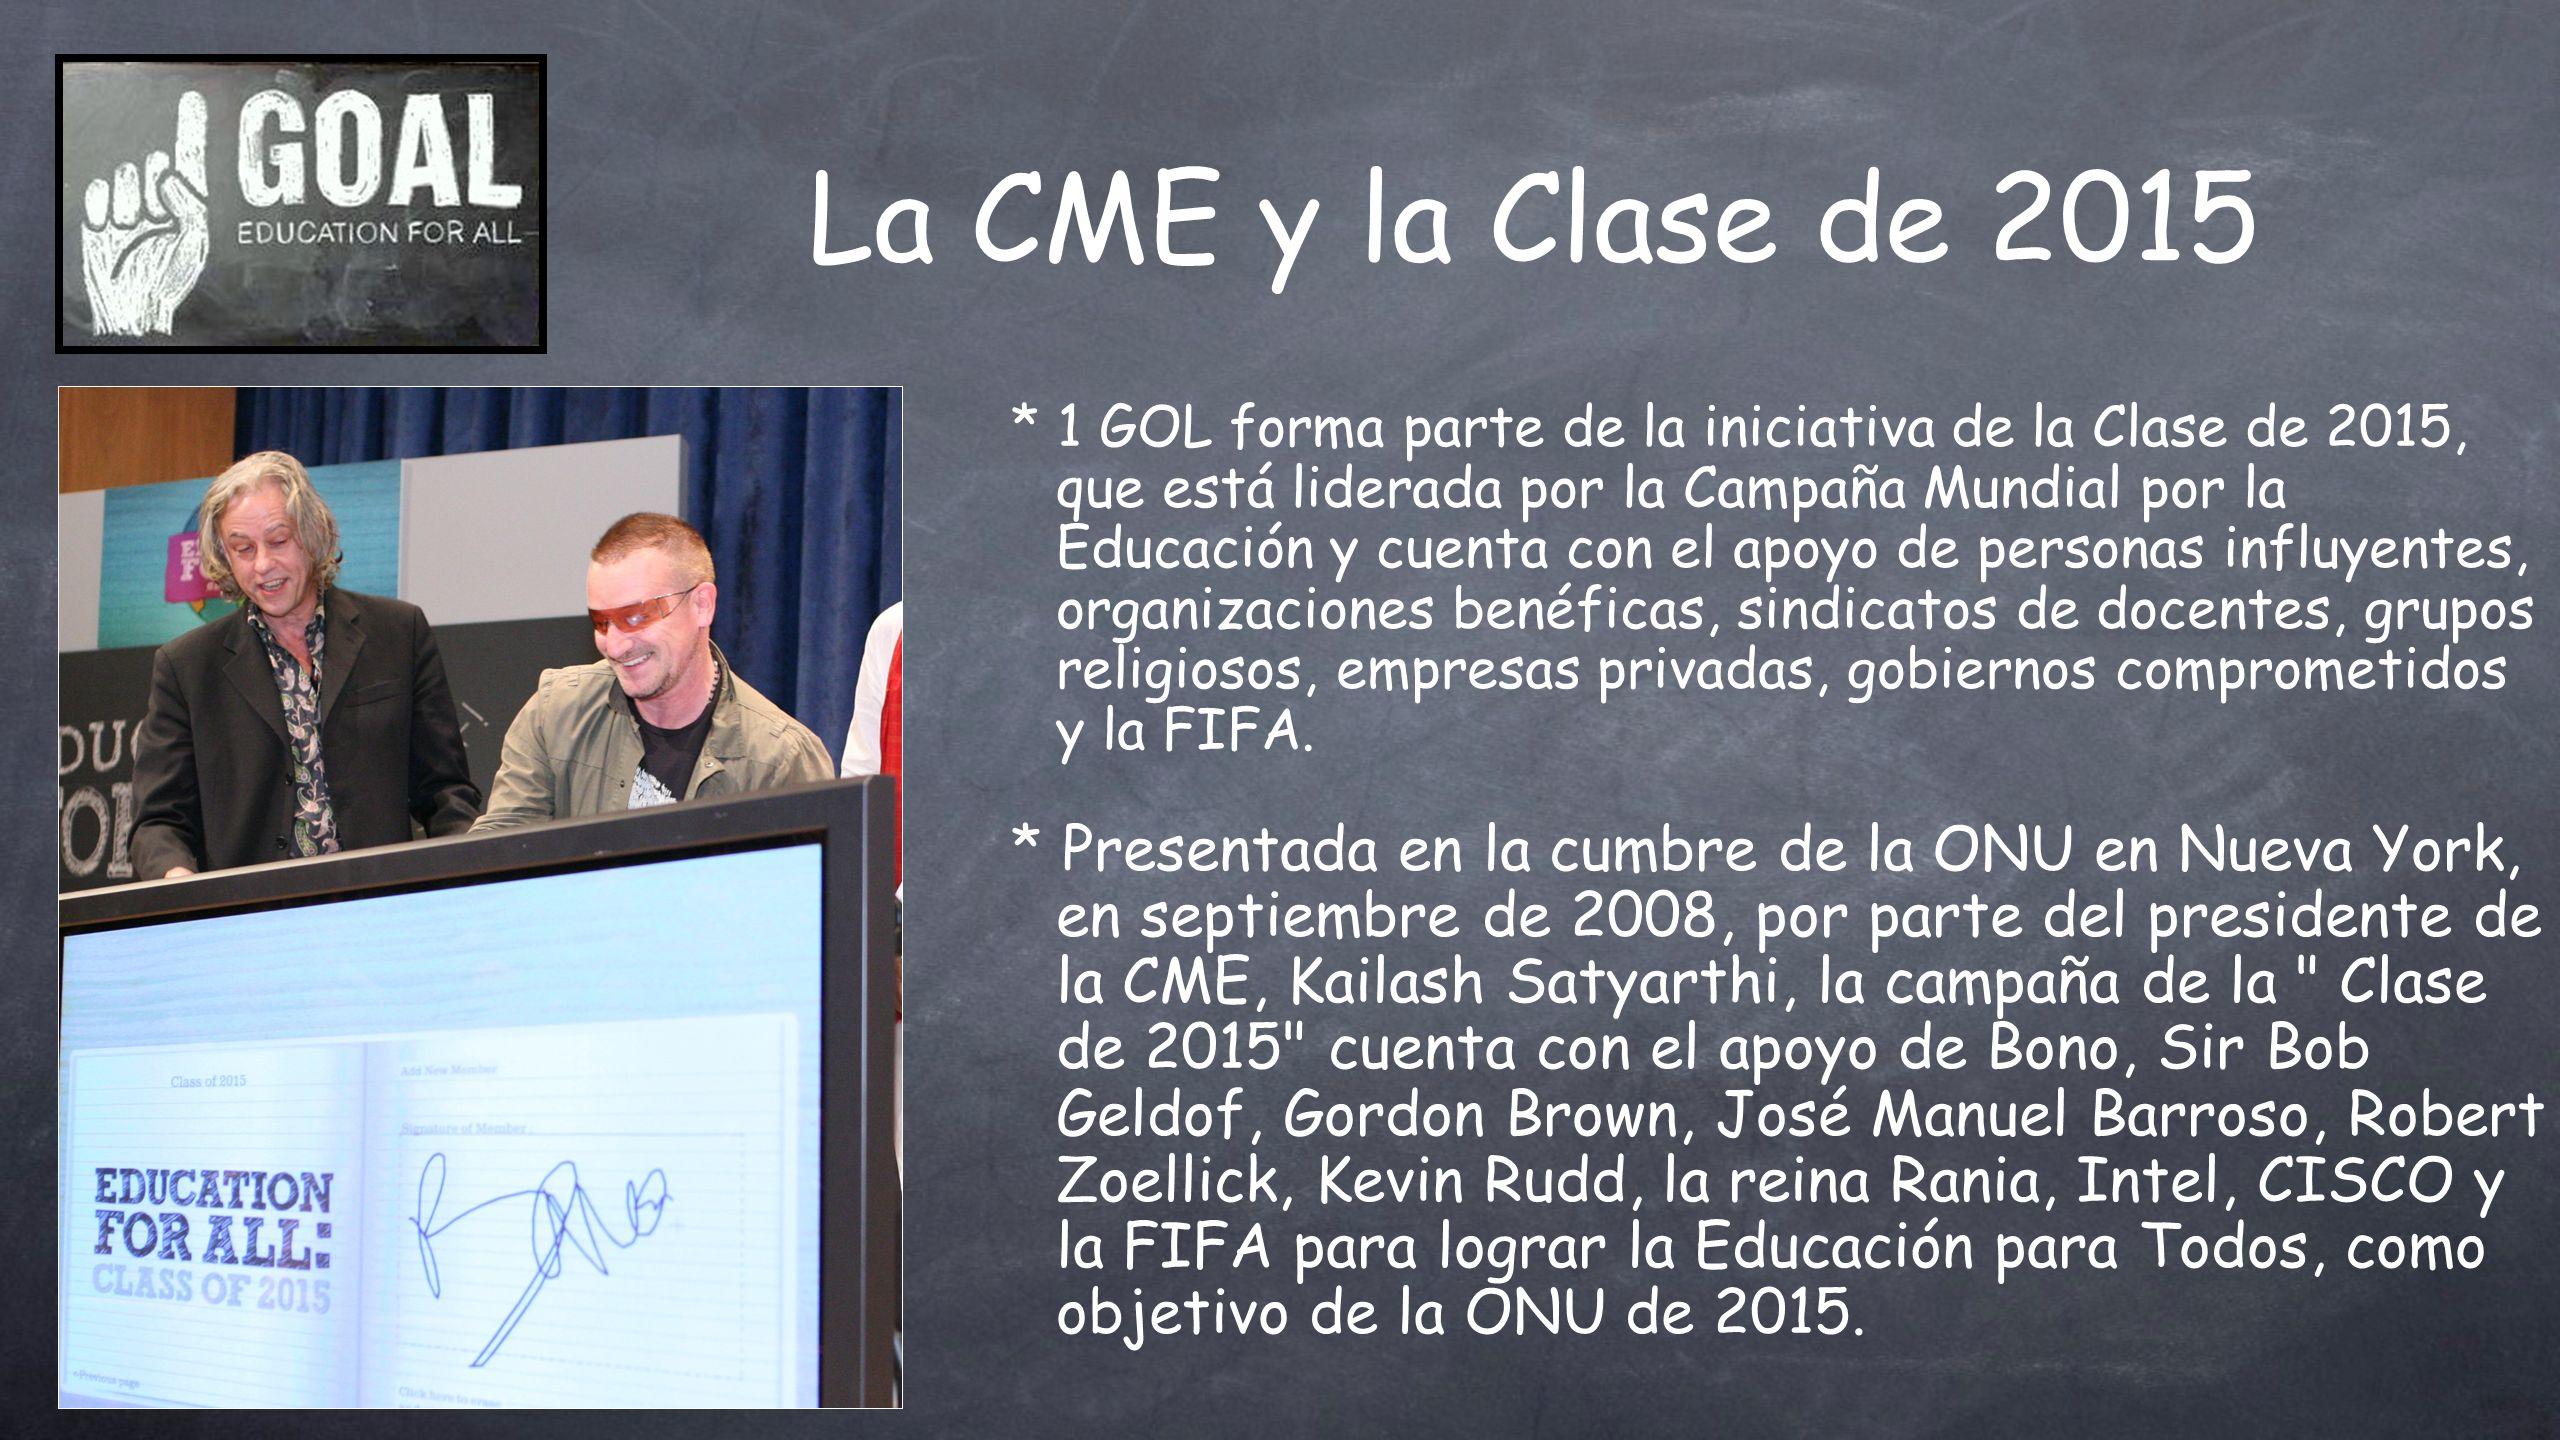 La CME y la Clase de 2015 * 1 GOL forma parte de la iniciativa de la Clase de 2015, que está liderada por la Campaña Mundial por la Educación y cuenta